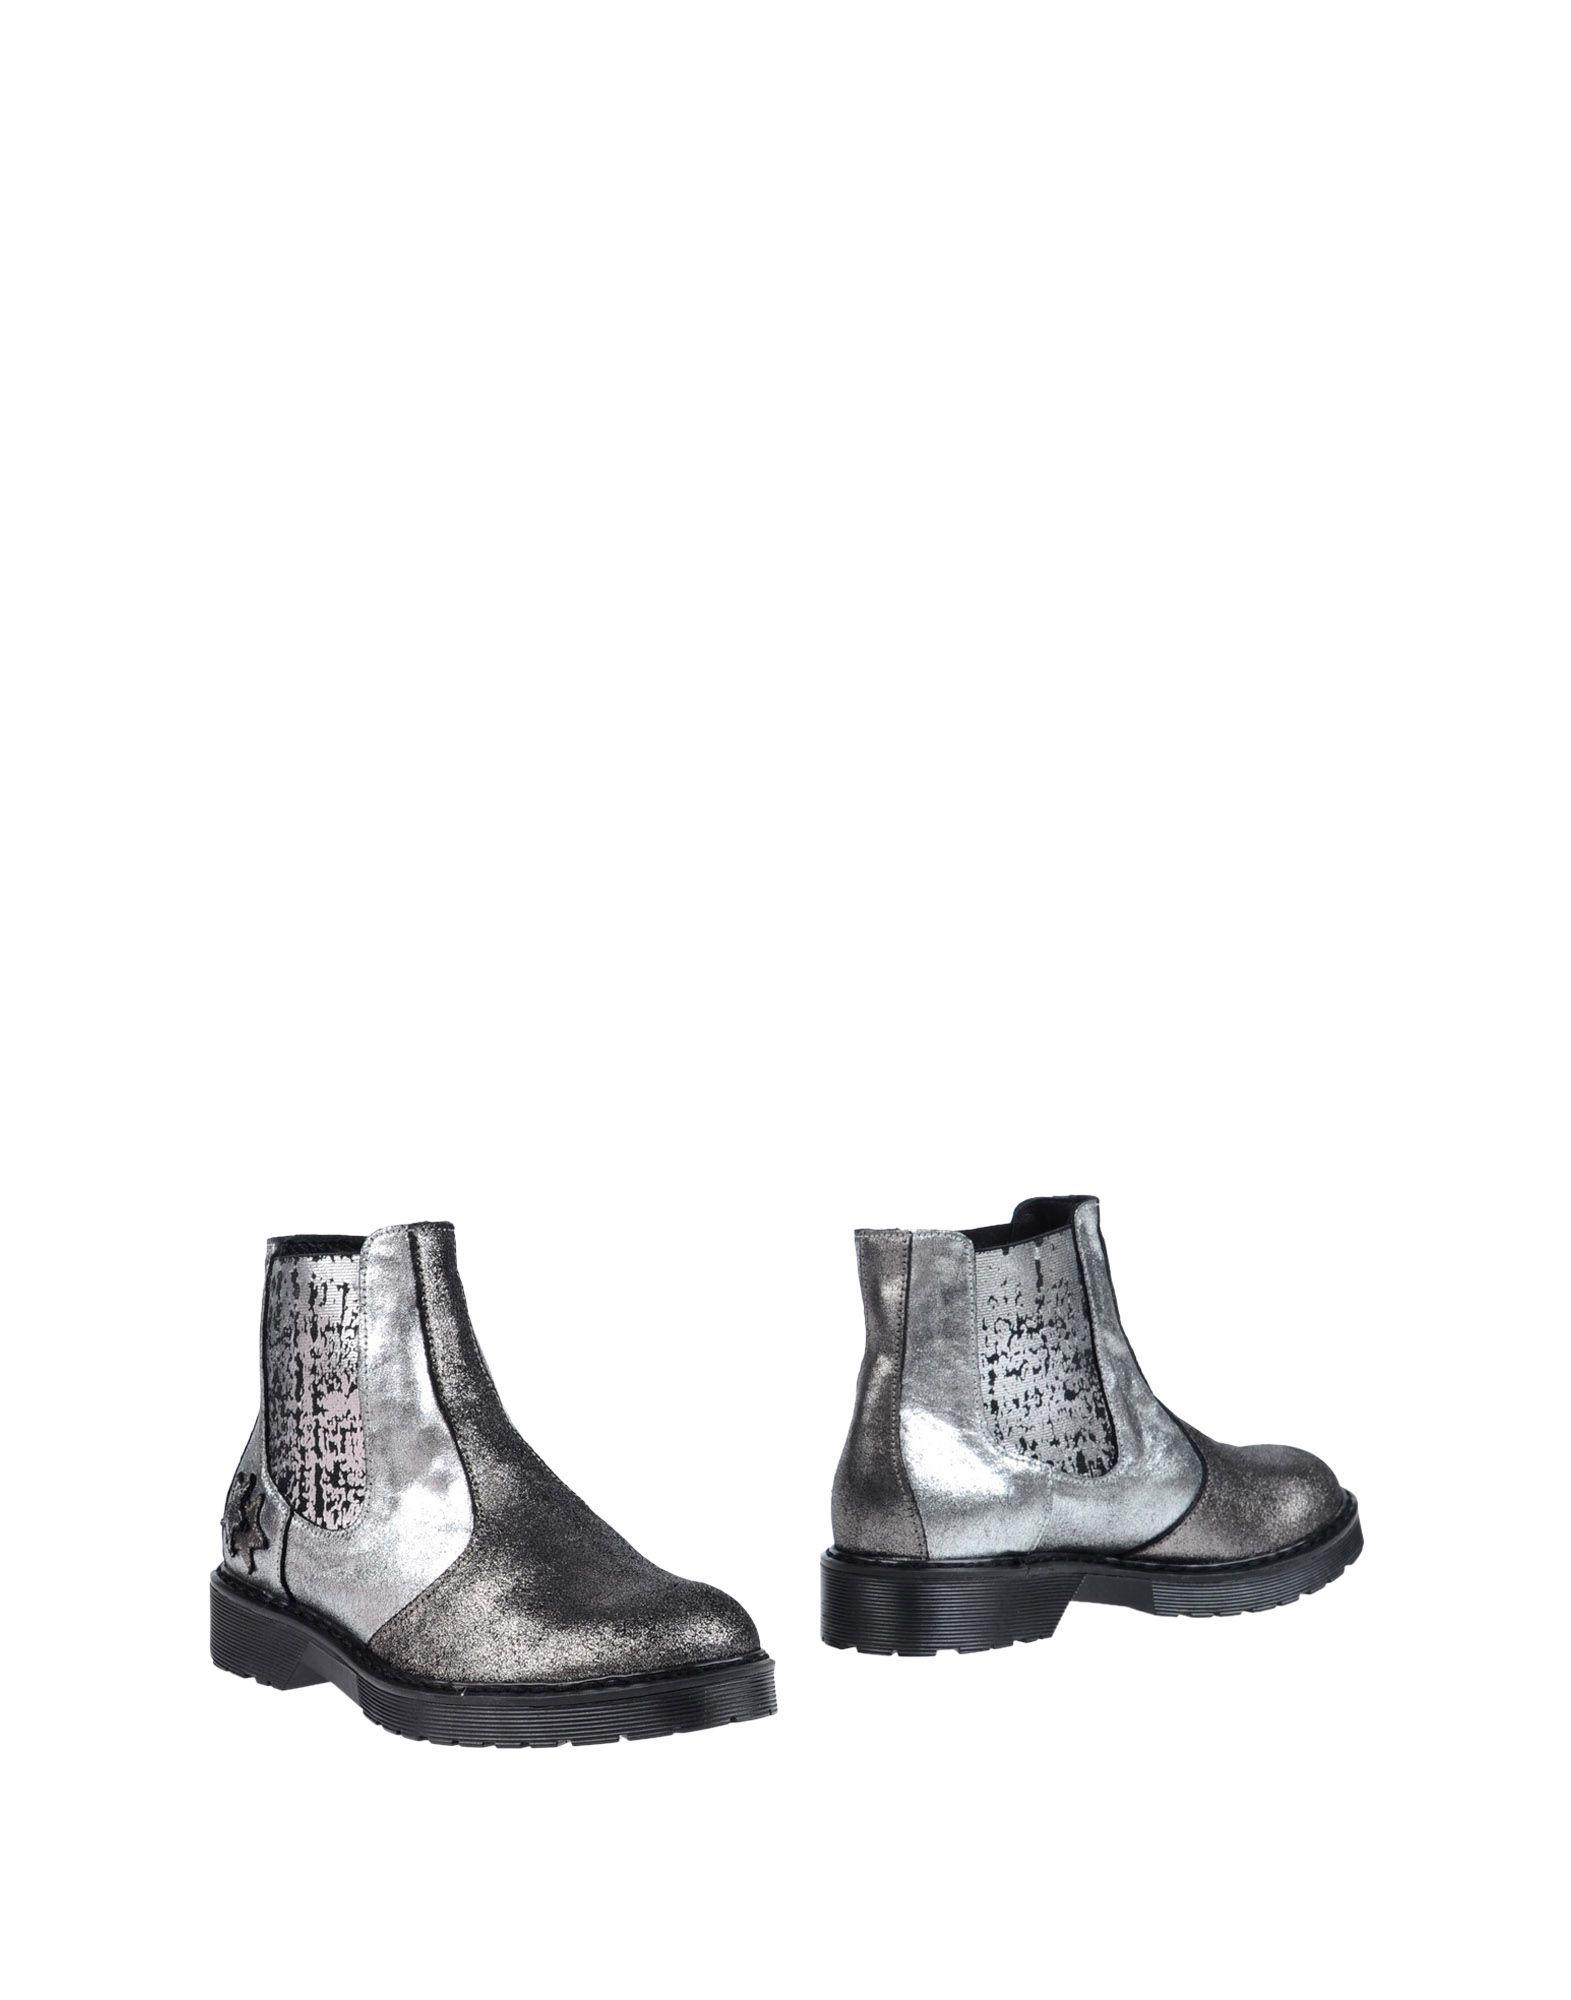 2STAR Полусапоги и высокие ботинки купить футбольную форму челси торрес